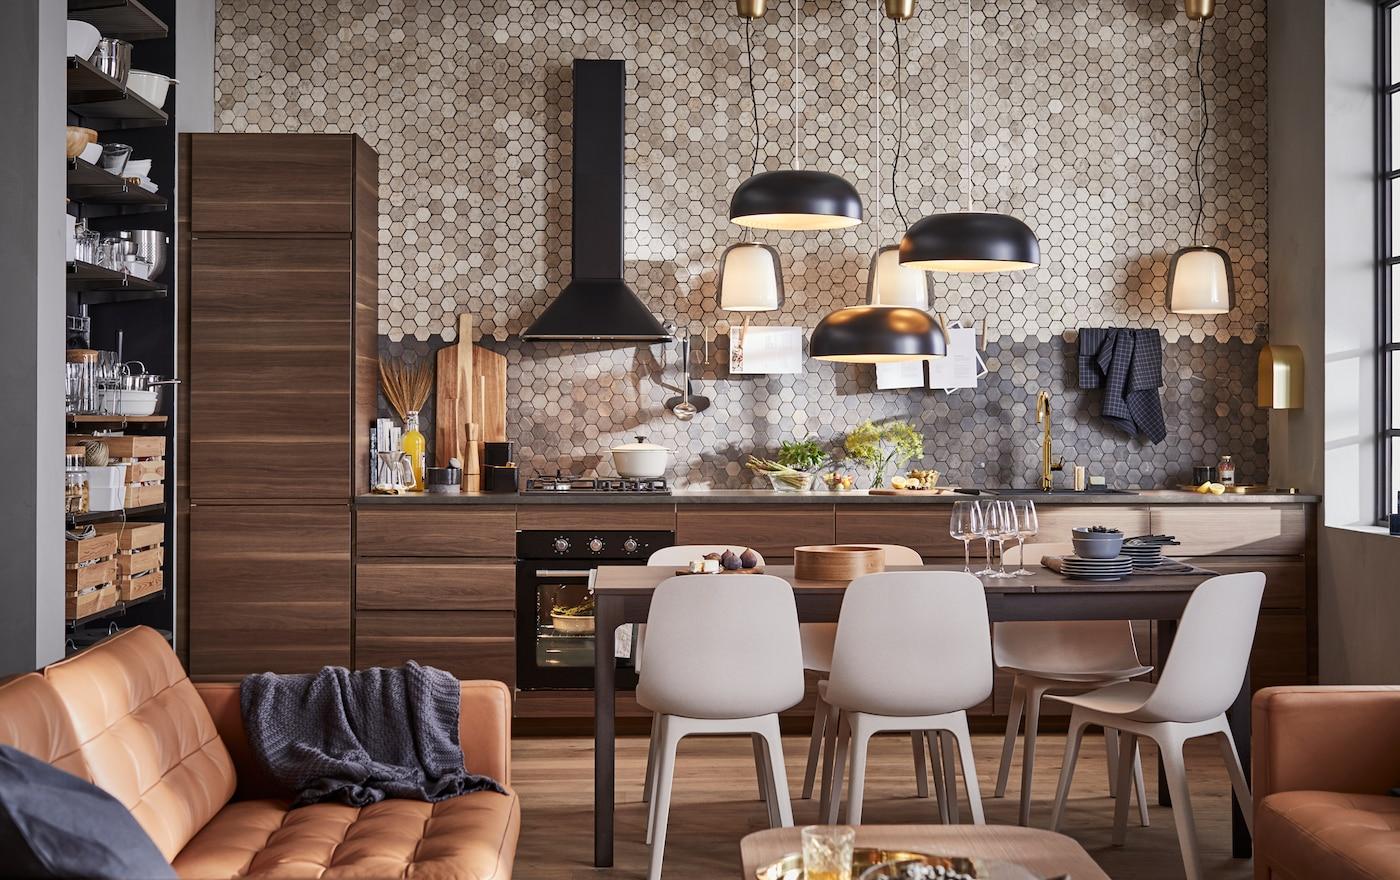 Ikea Metod Kitchen Design Ikea Egypt Ikea